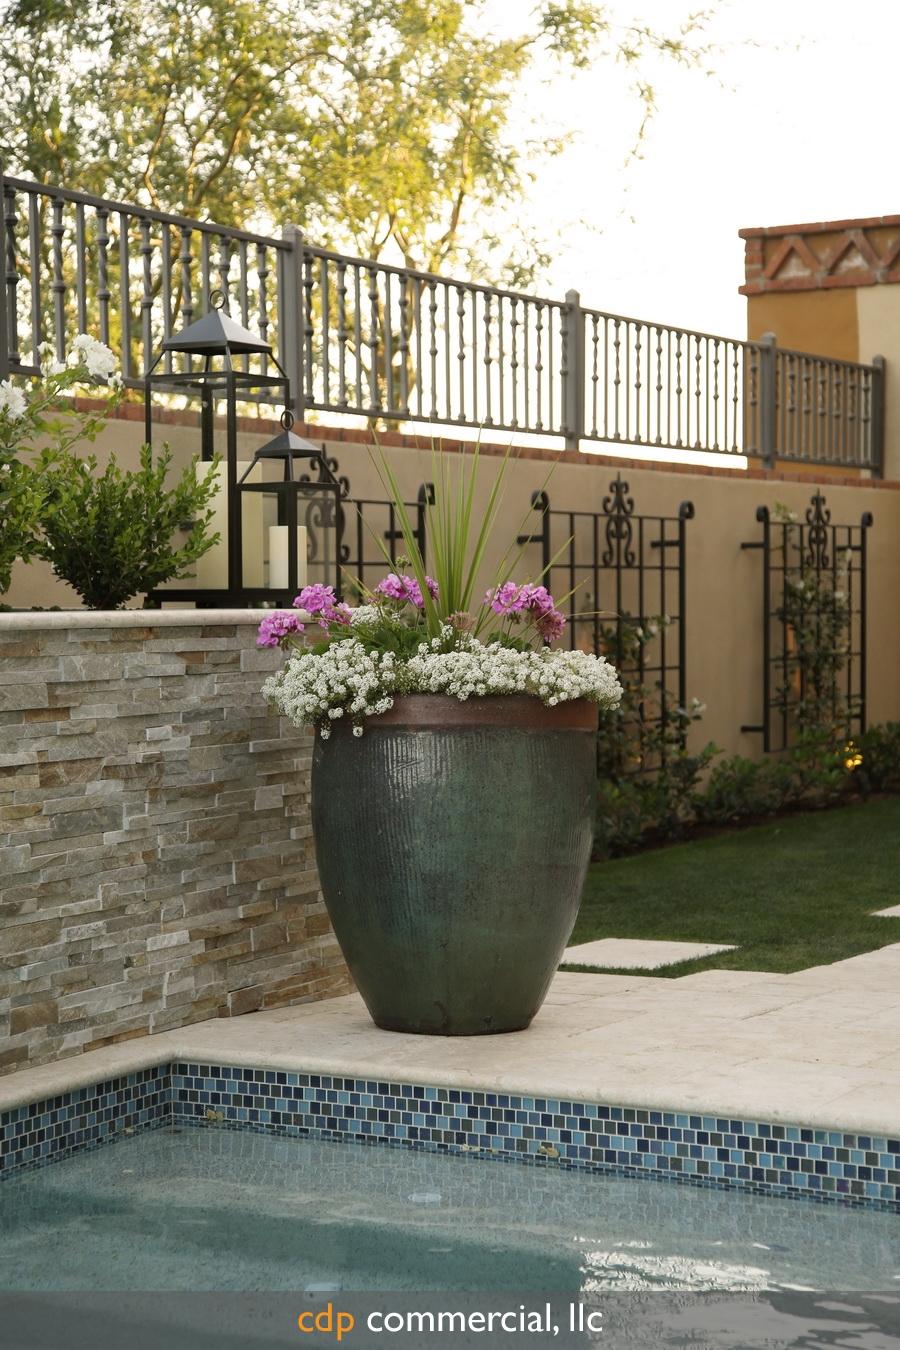 desert-springs--residential-landscaping-cd18687